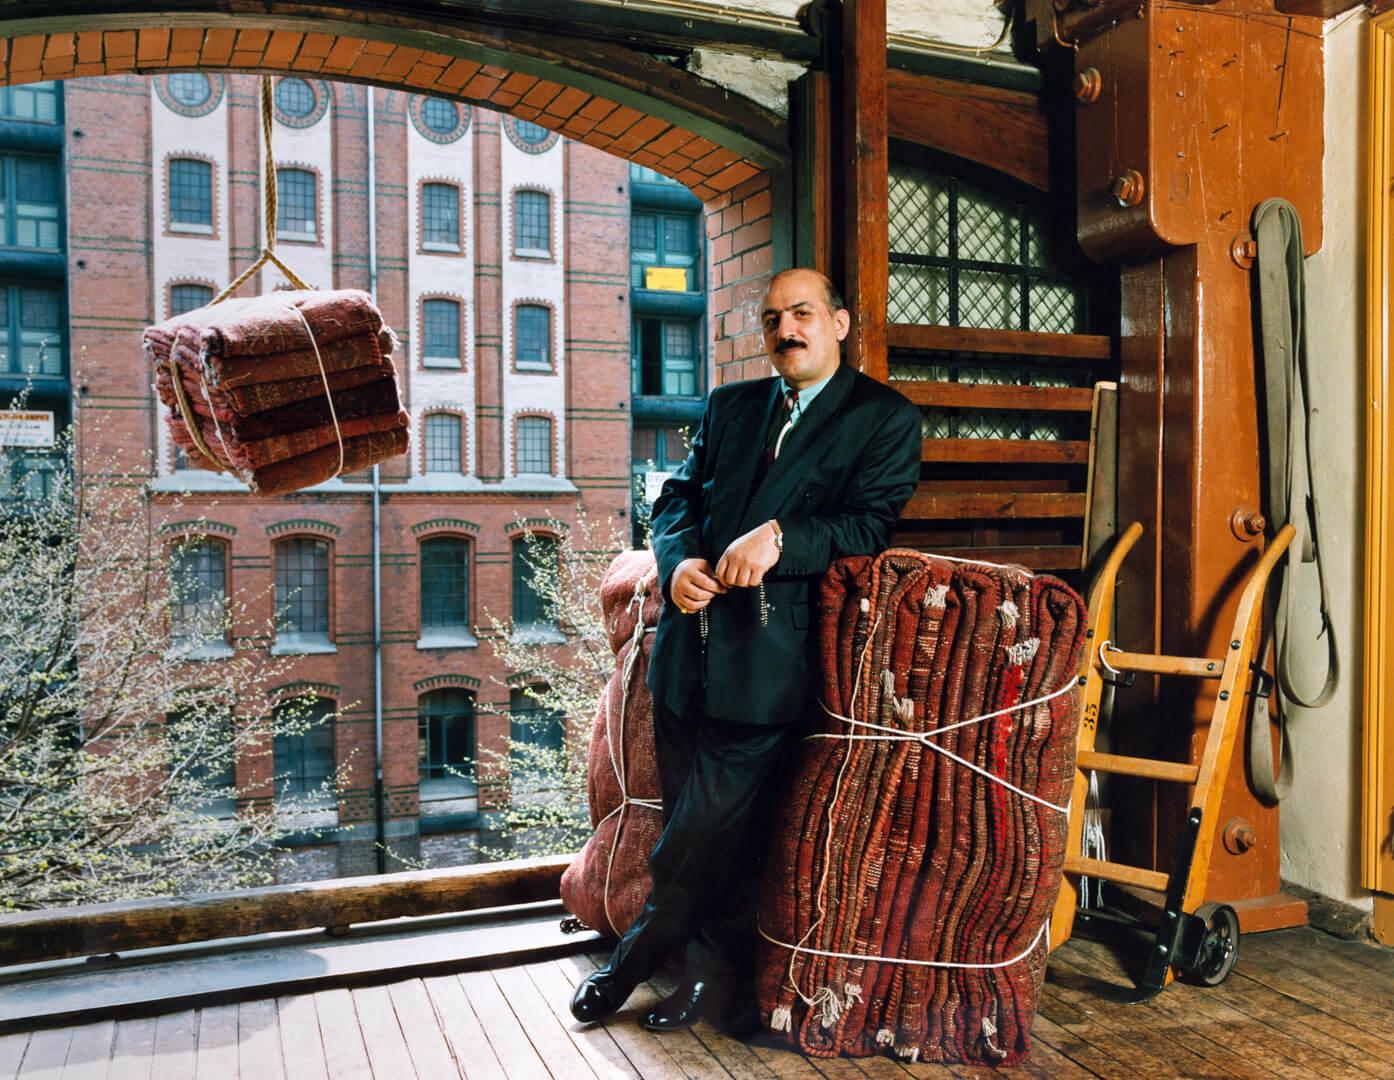 Teppichhändler  GARP Agentur Hamburg | Hamburg - zweite Heimat, Fotos von Gerald ...